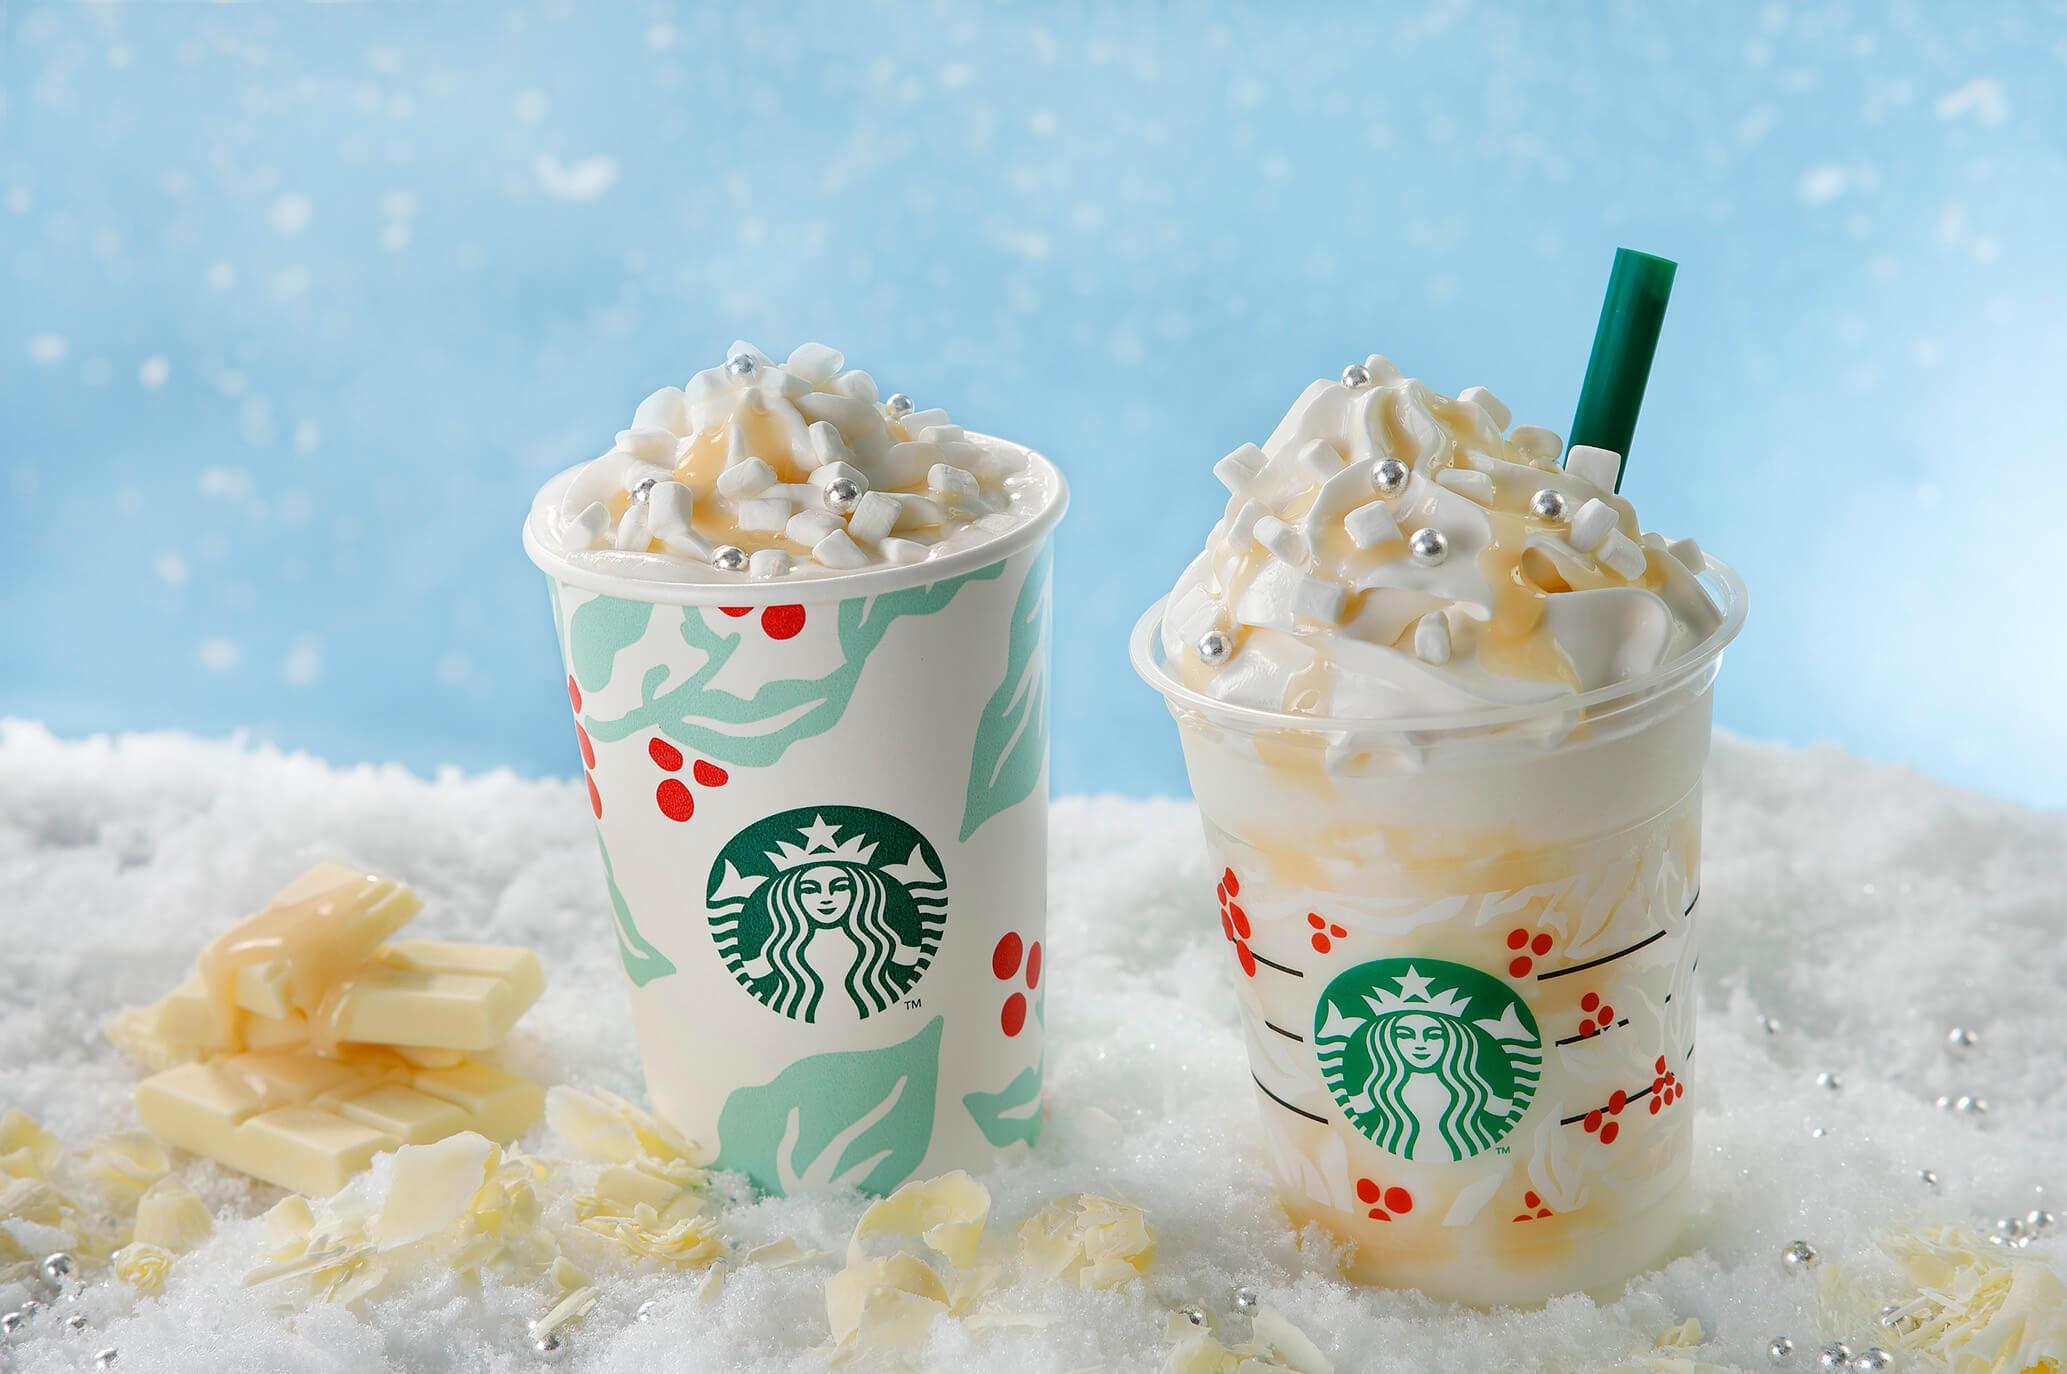 星巴克如白雪般的白巧克力星冰樂登場 星巴克、